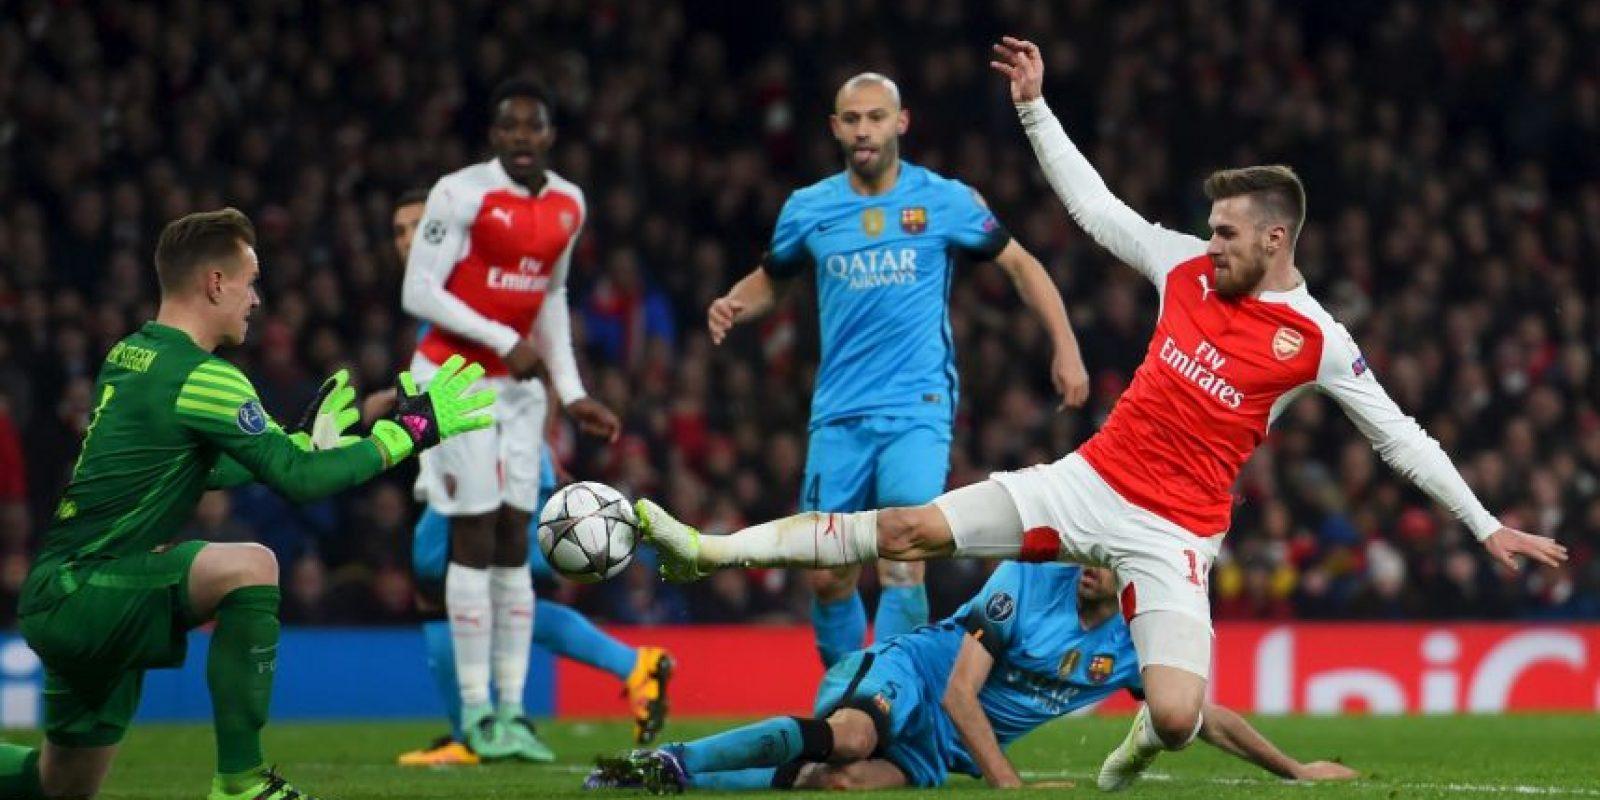 Los pupilos de Pep Guardiola buscan llegar a cuartos de final por novena temporada consecutiva. Foto:Getty Images